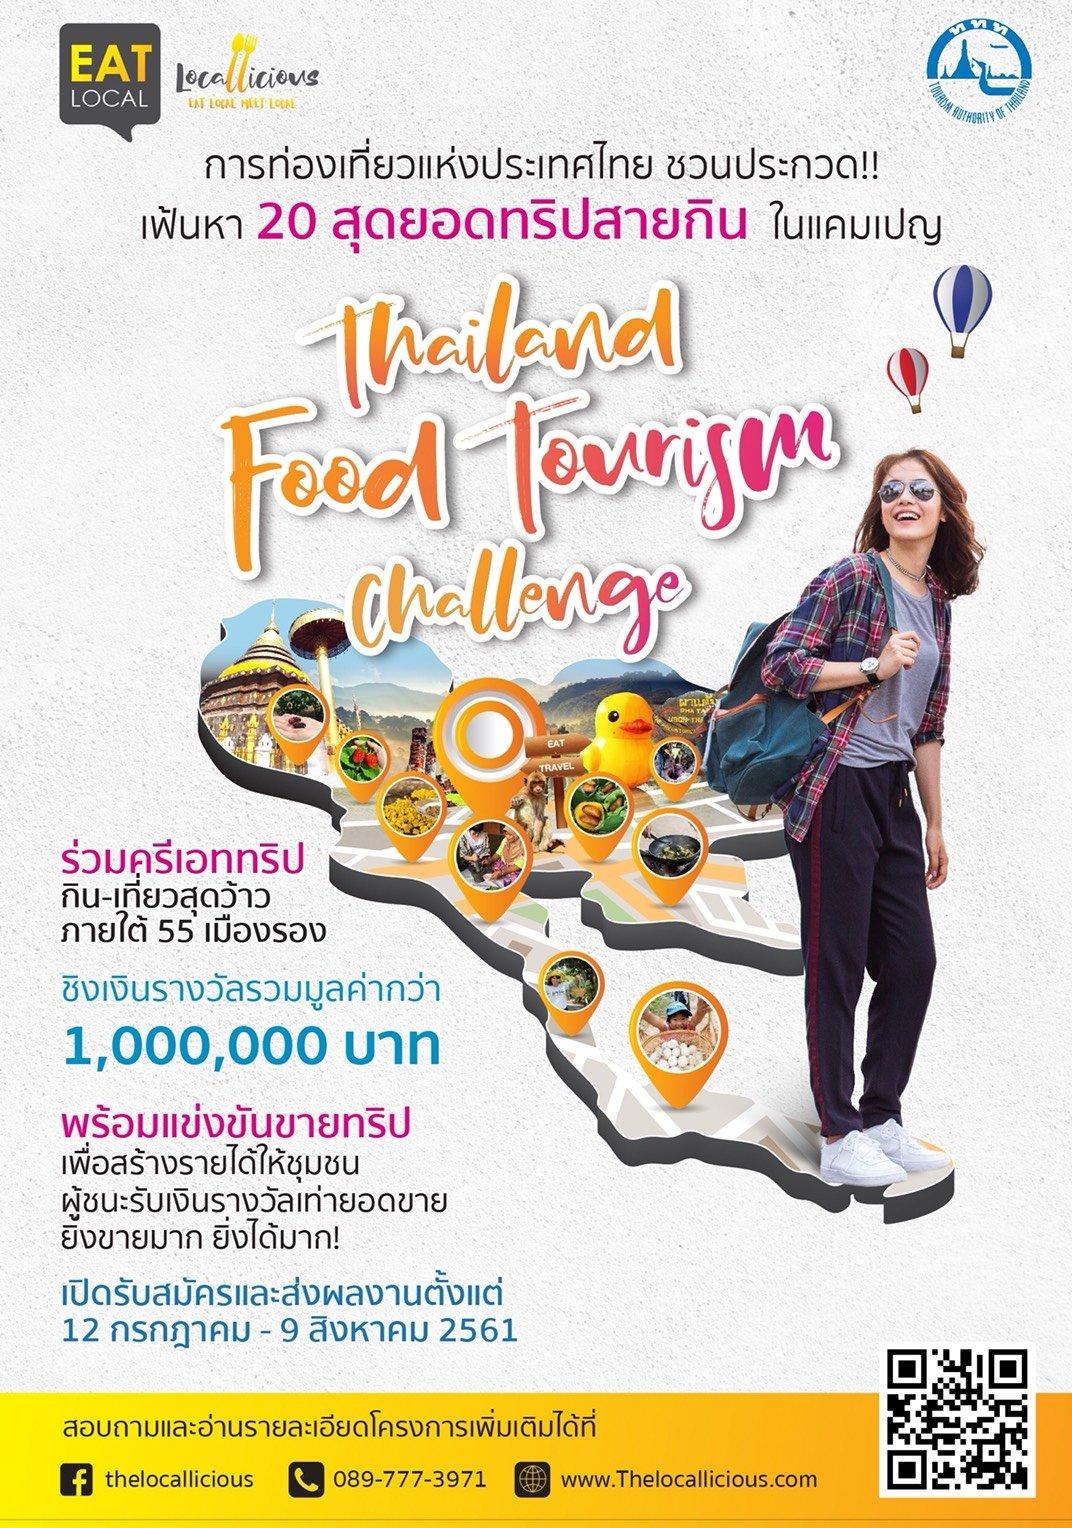 ททท.ชวนร่วมประกวดค้นหา 20 สุดยอดทริปท่องเที่ยวสายกิน 55 เมืองรองทั่วไทย ในแคมเปญ Thailand Food Tourism Challenge 13 -